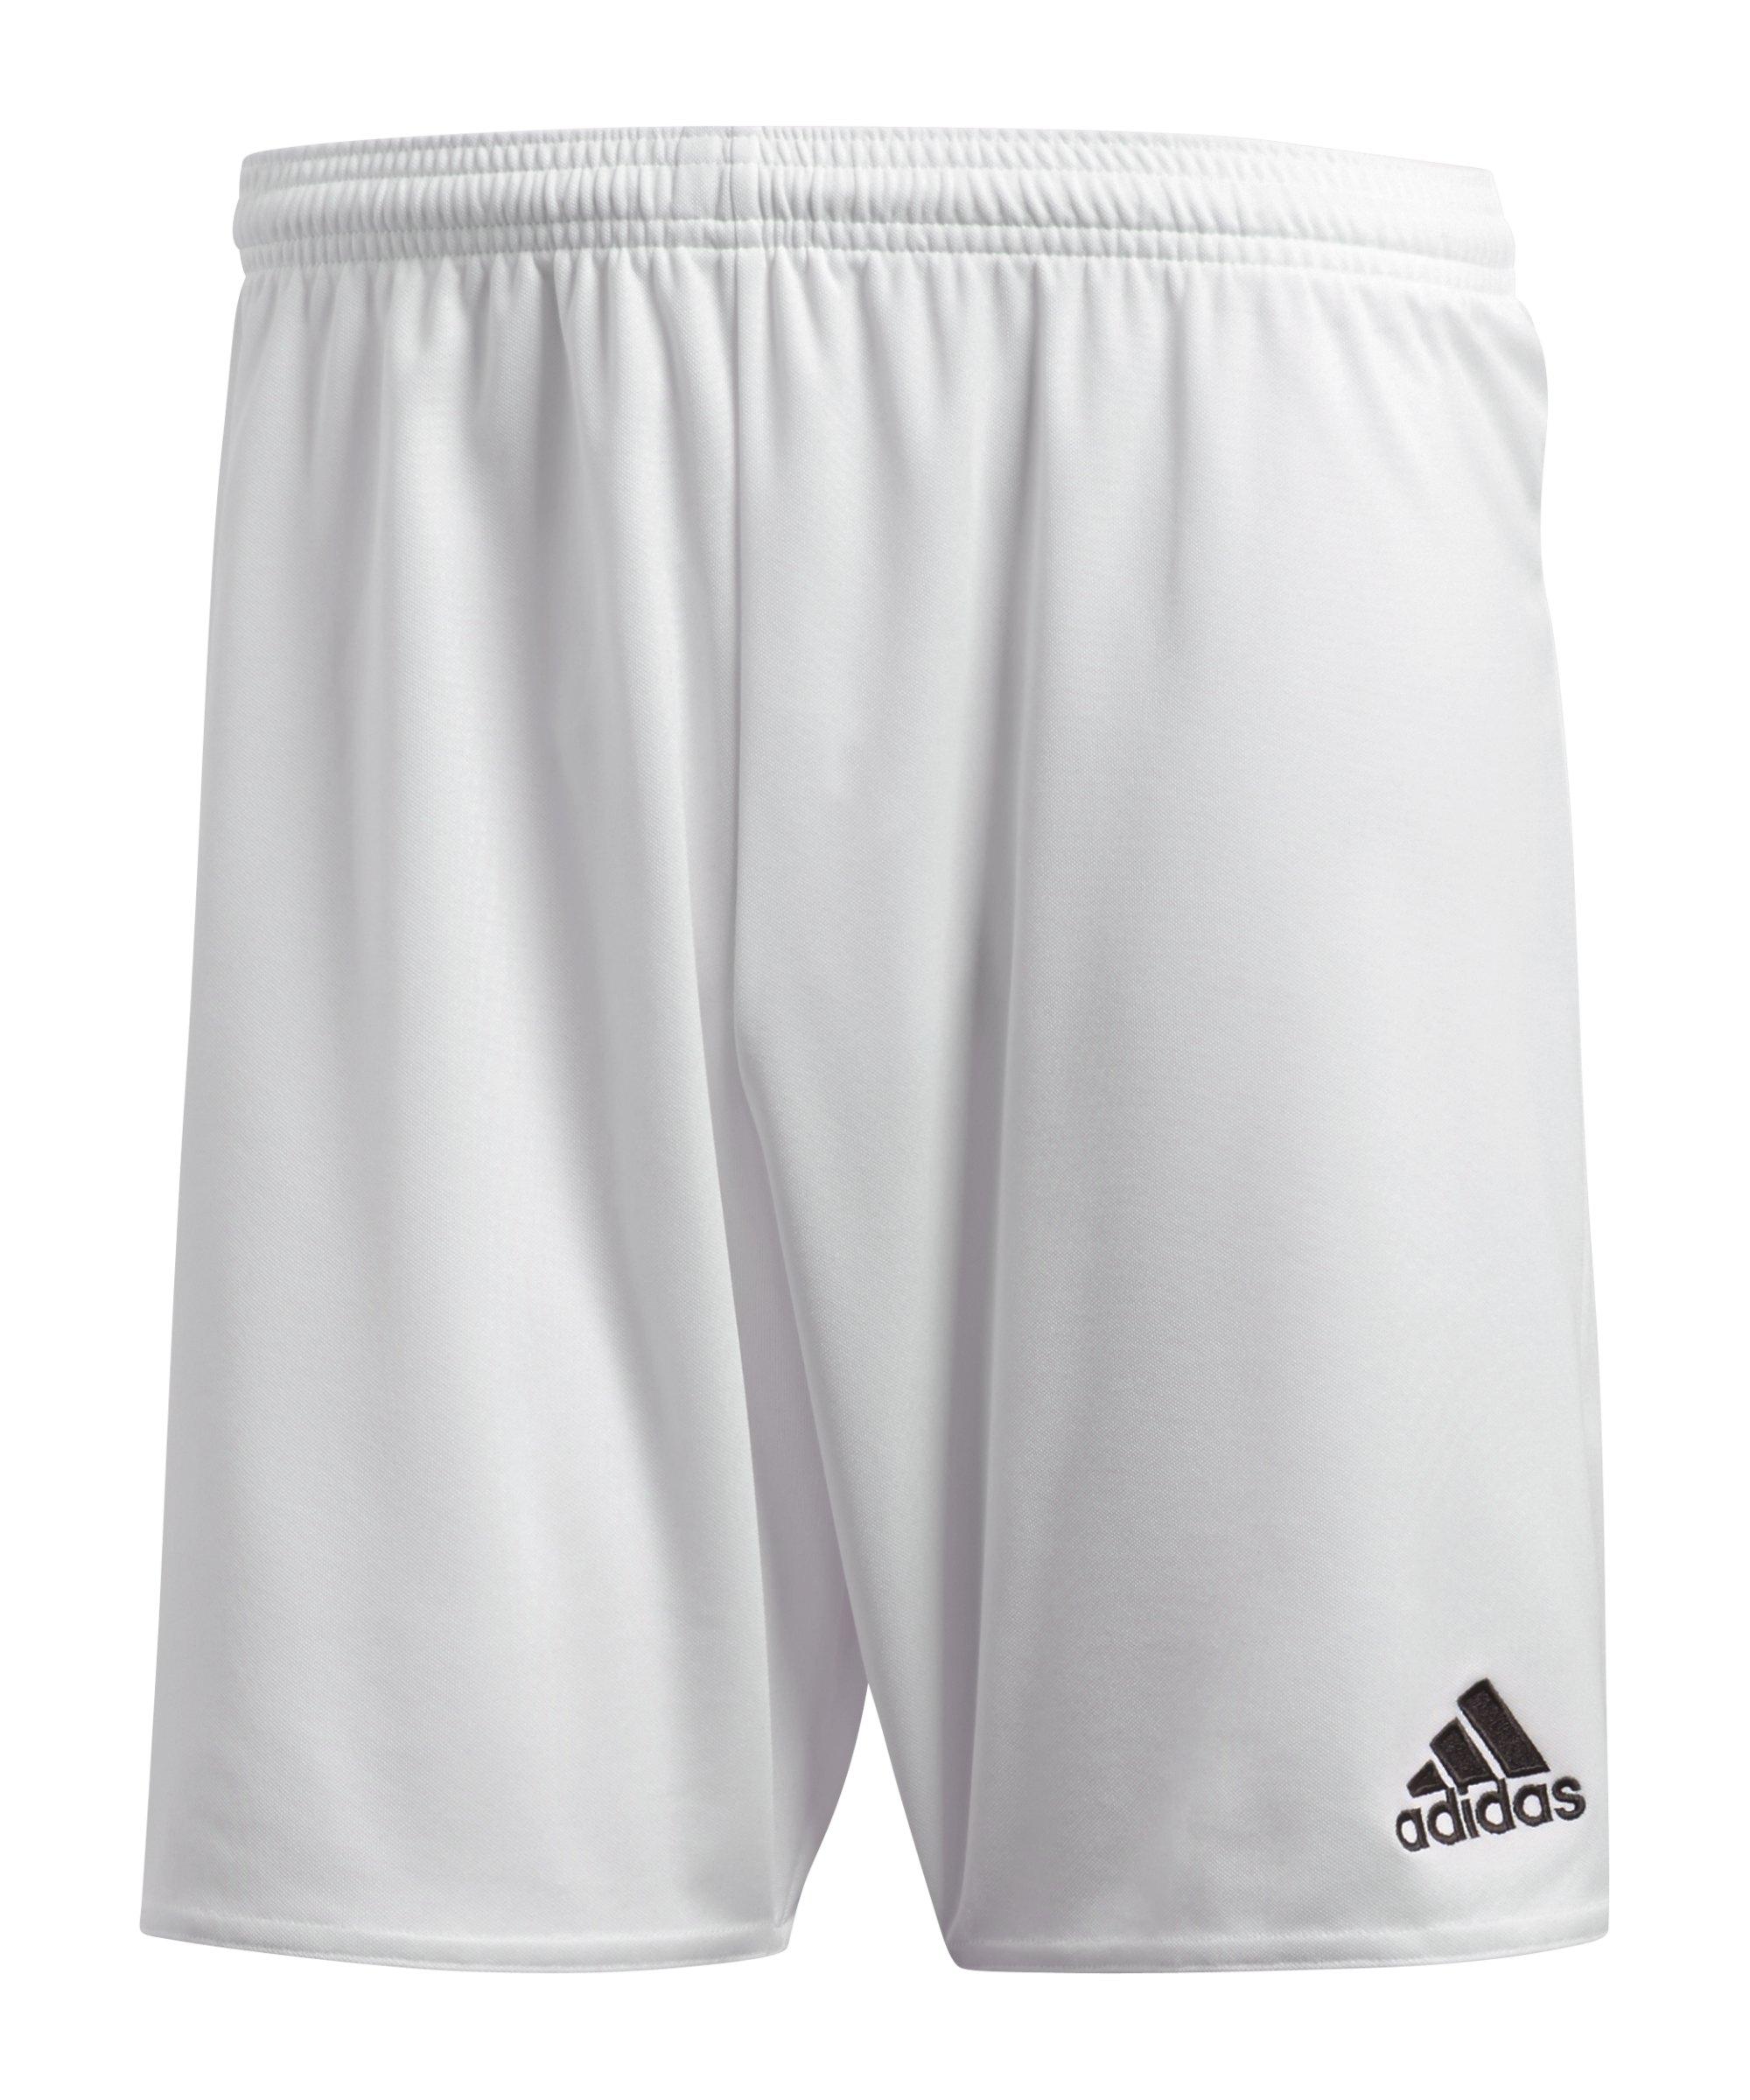 adidas Short ohne Innenslip Parma 16 Weiss - weiss